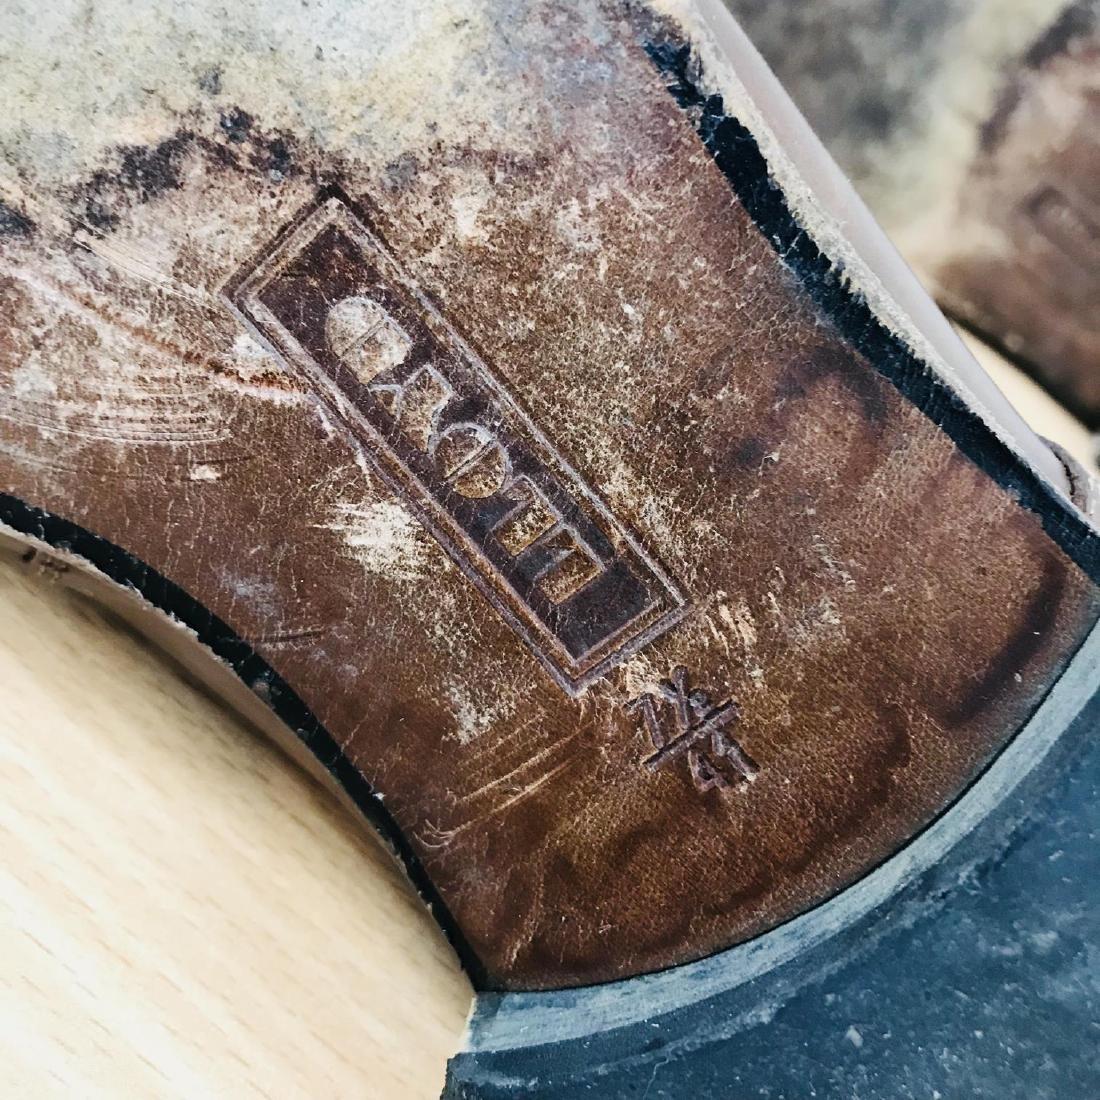 Vintage Men's LLOYD Leather Shoes Size EUR 41 US 8 - 9